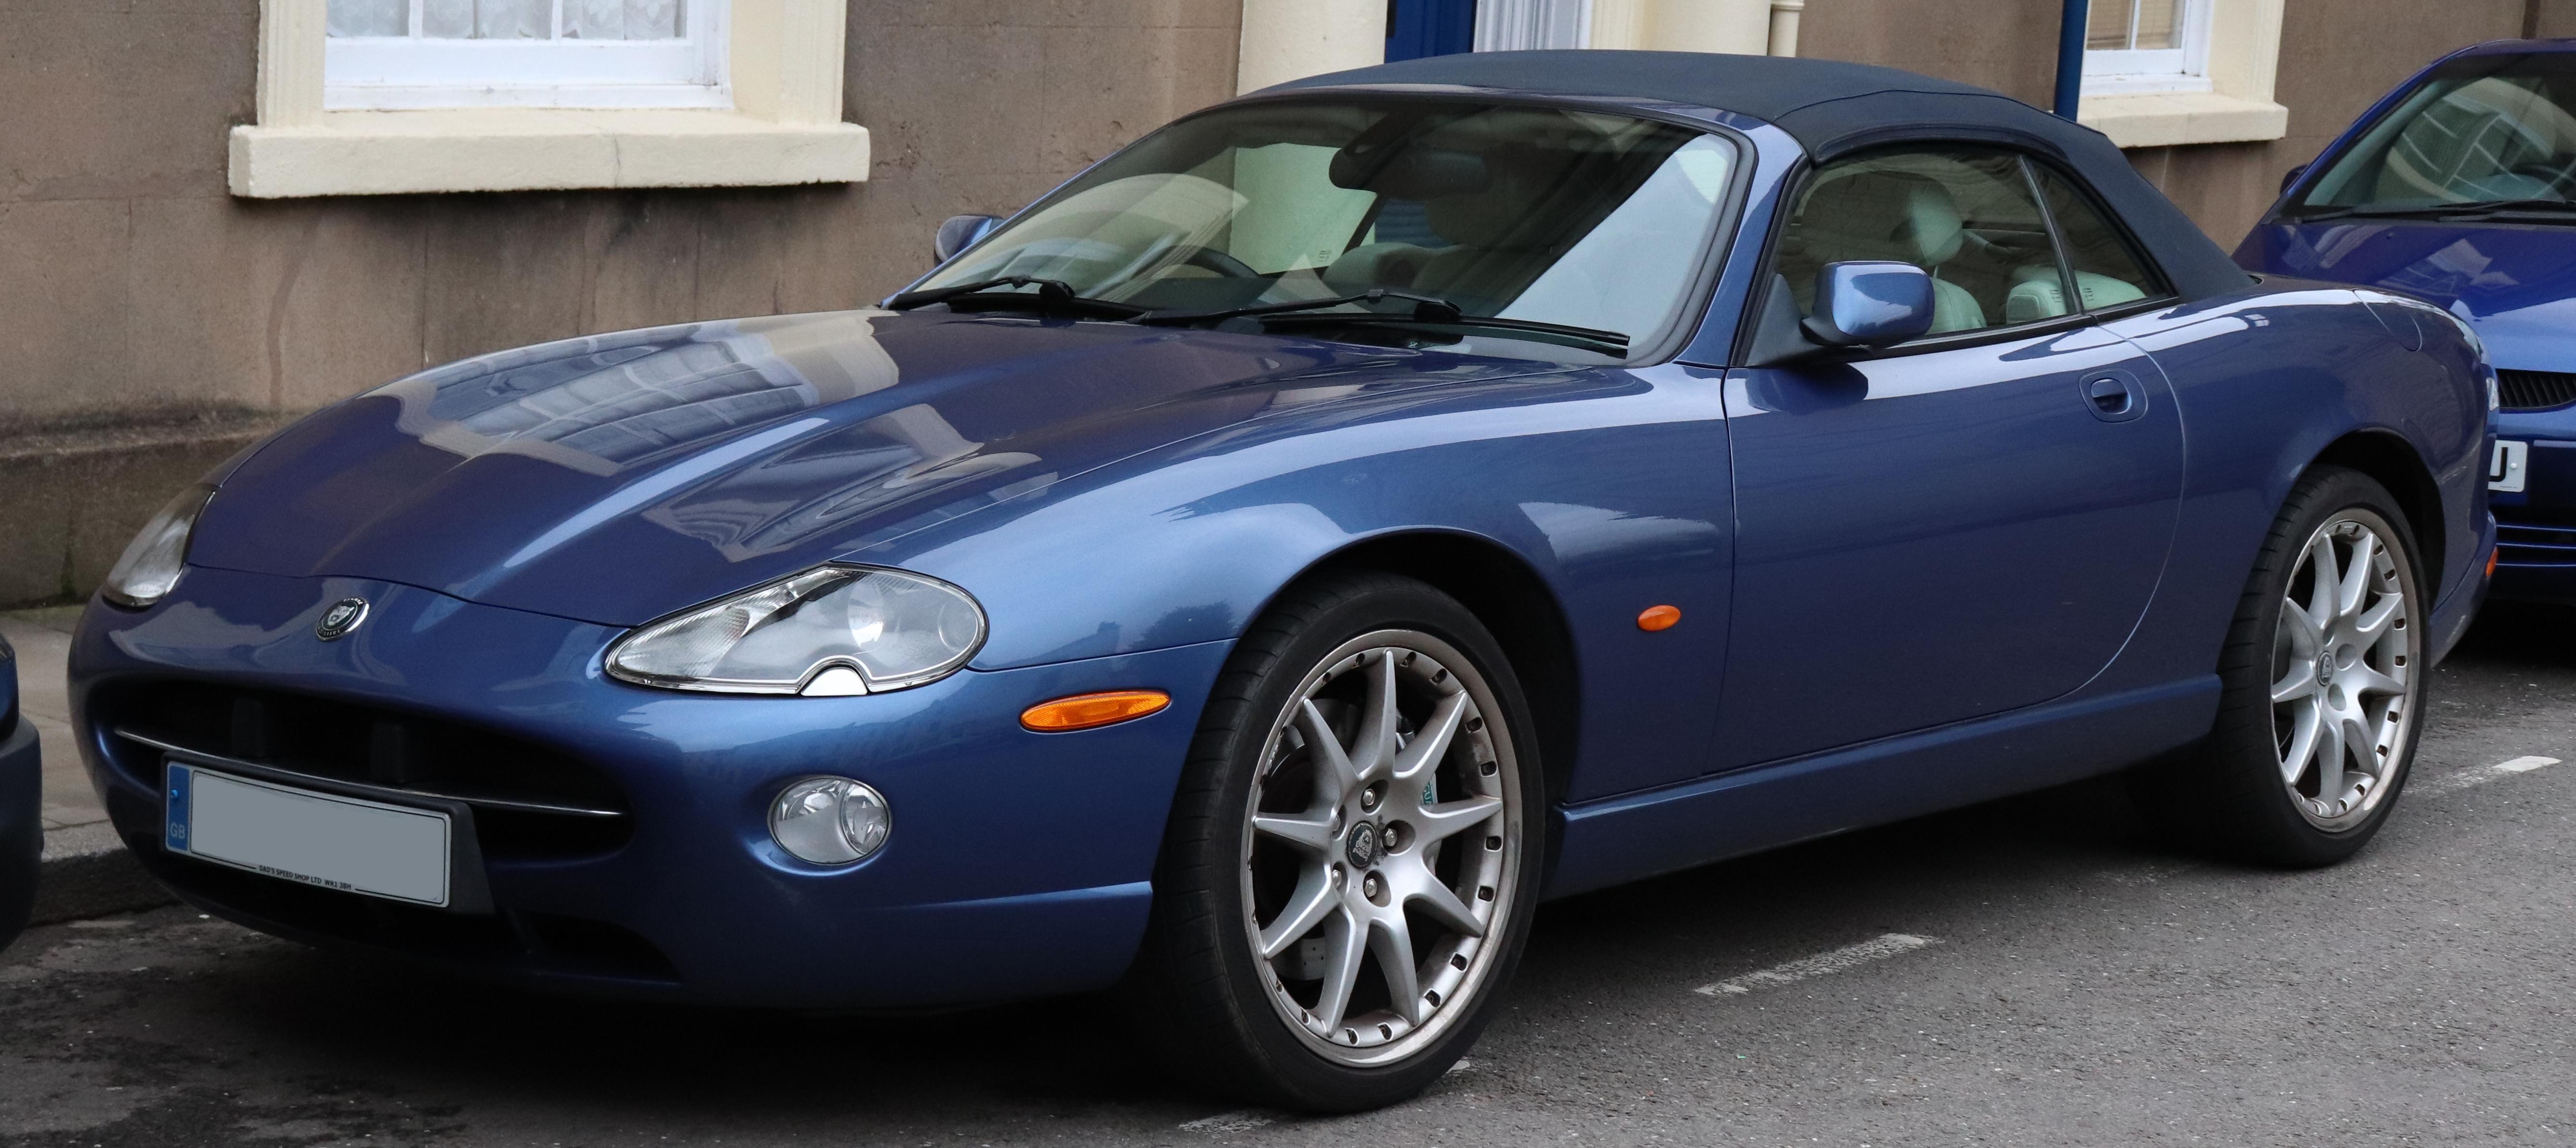 File:2005 Jaguar XK8 Convertible Automatic 4 2 Front jpg